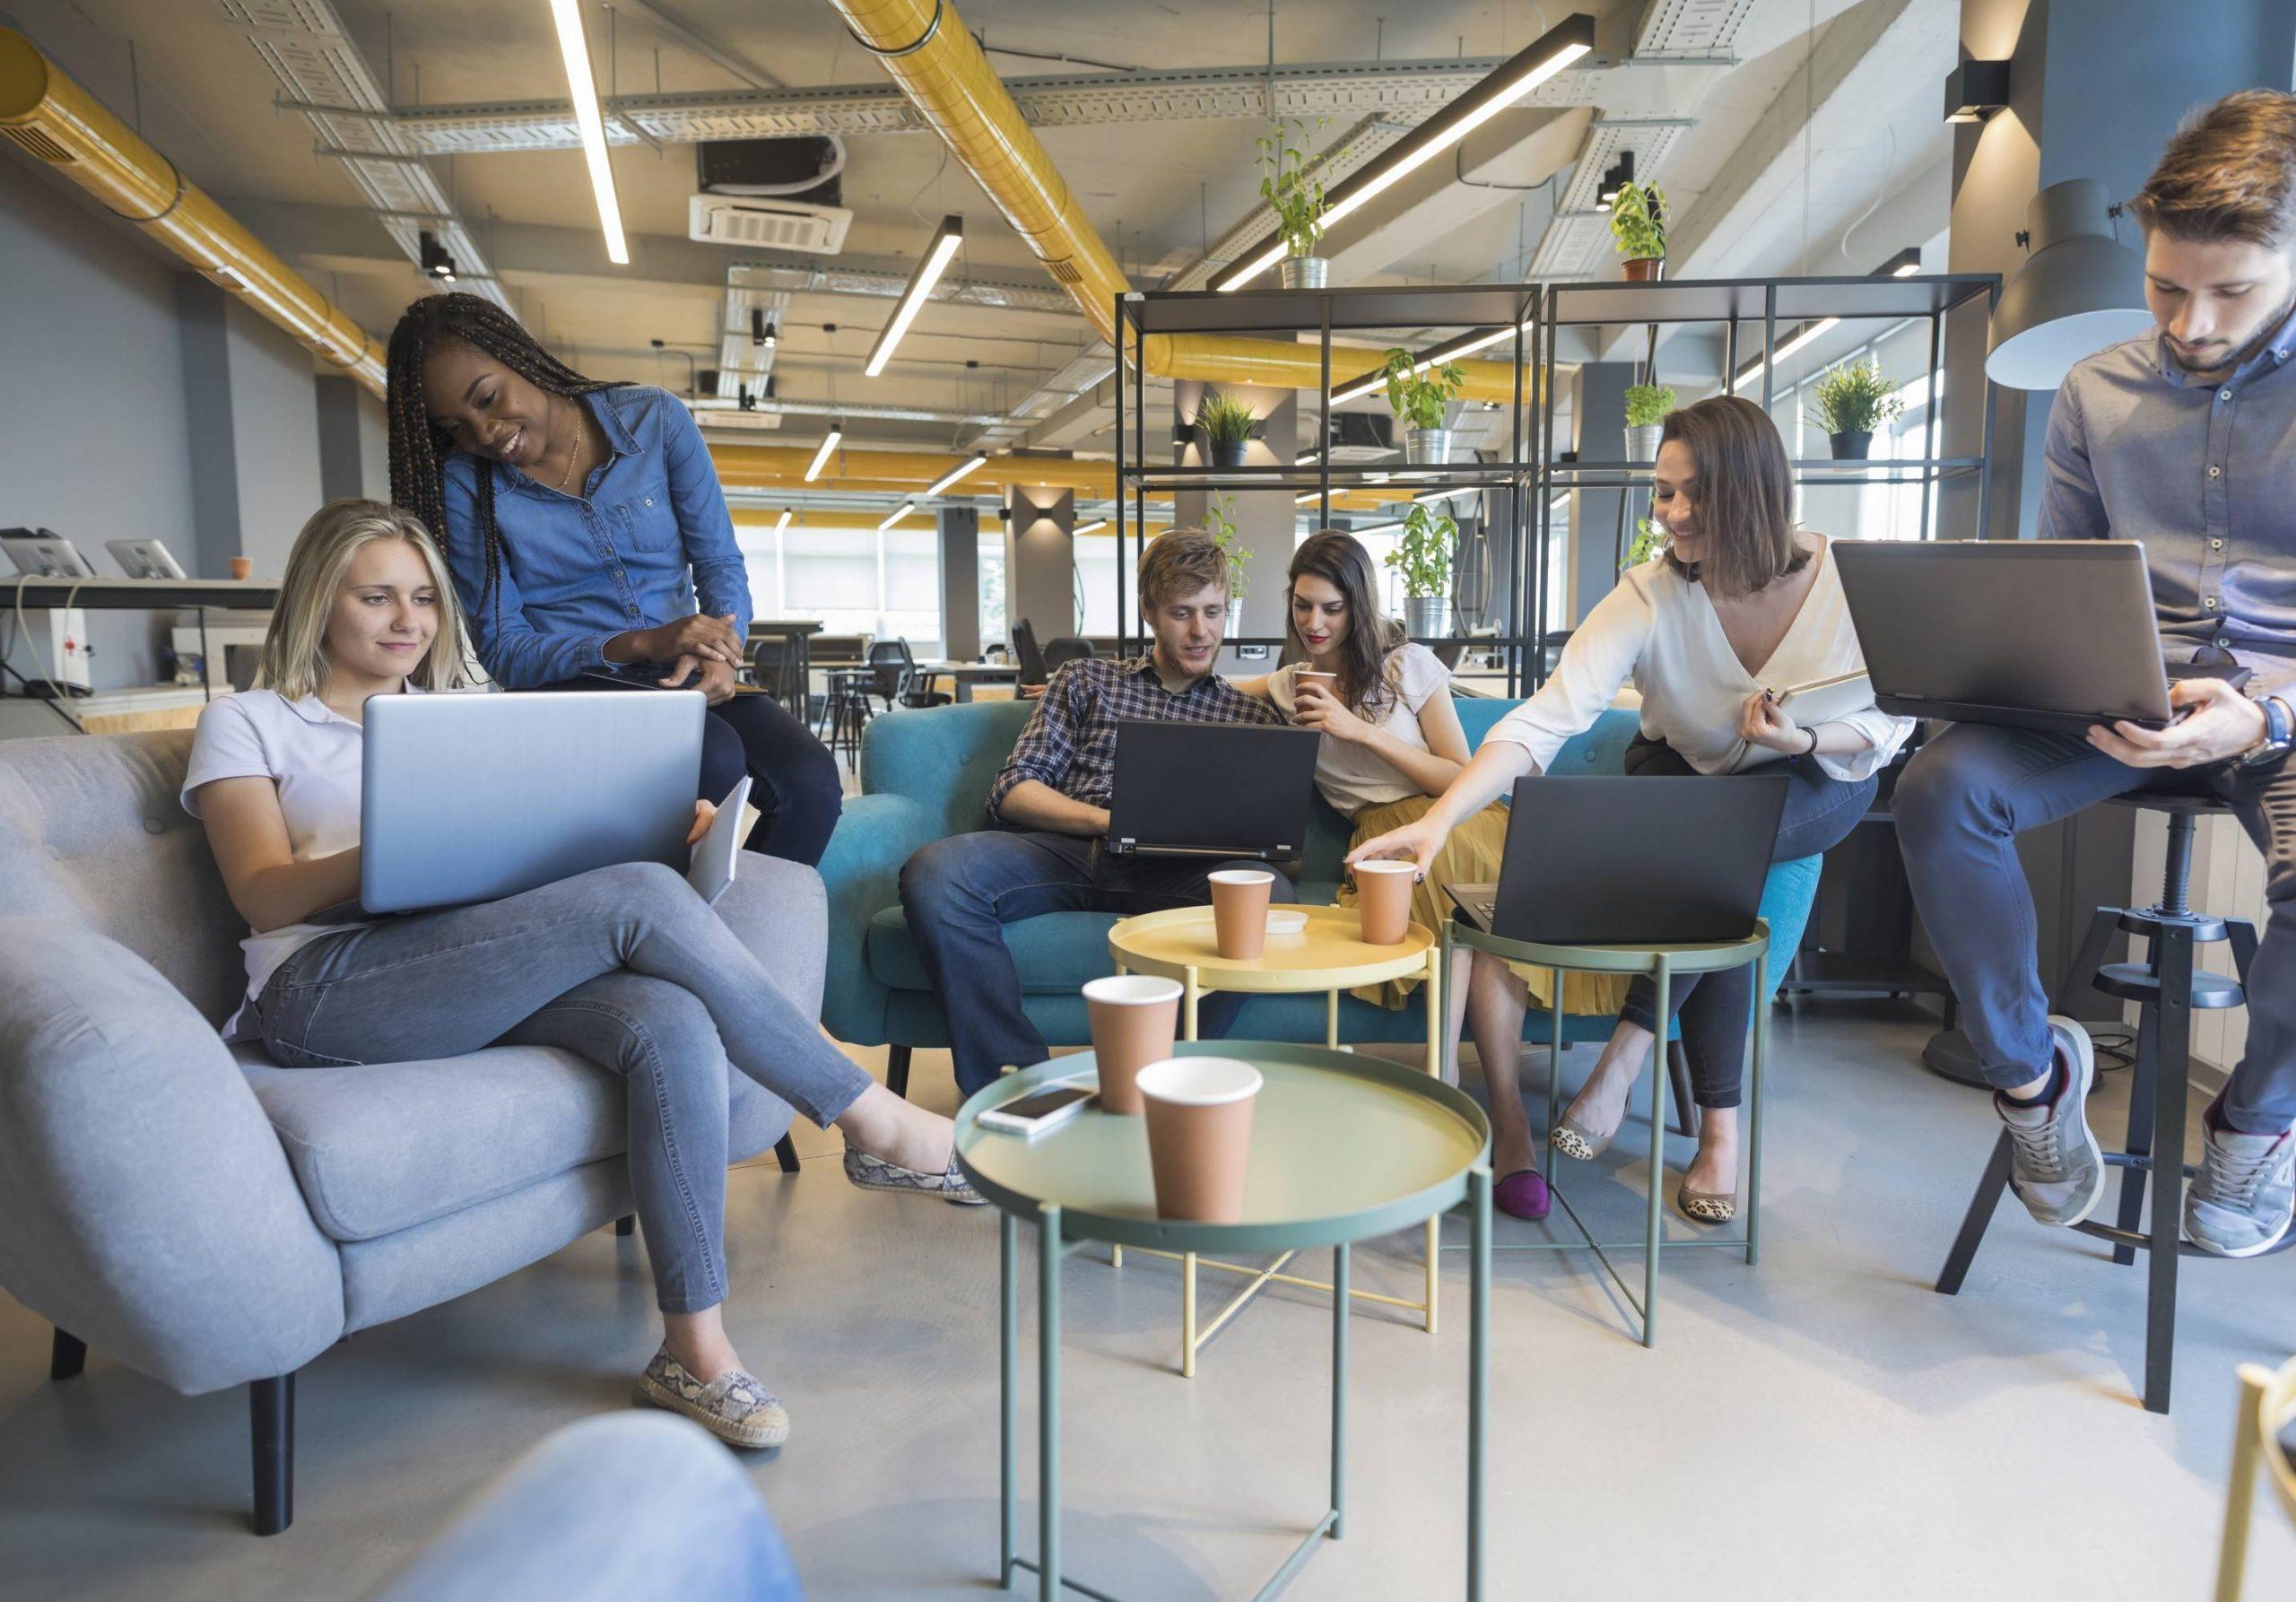 Cultura de Inovação - Argo Solutions - Simplifying your journey